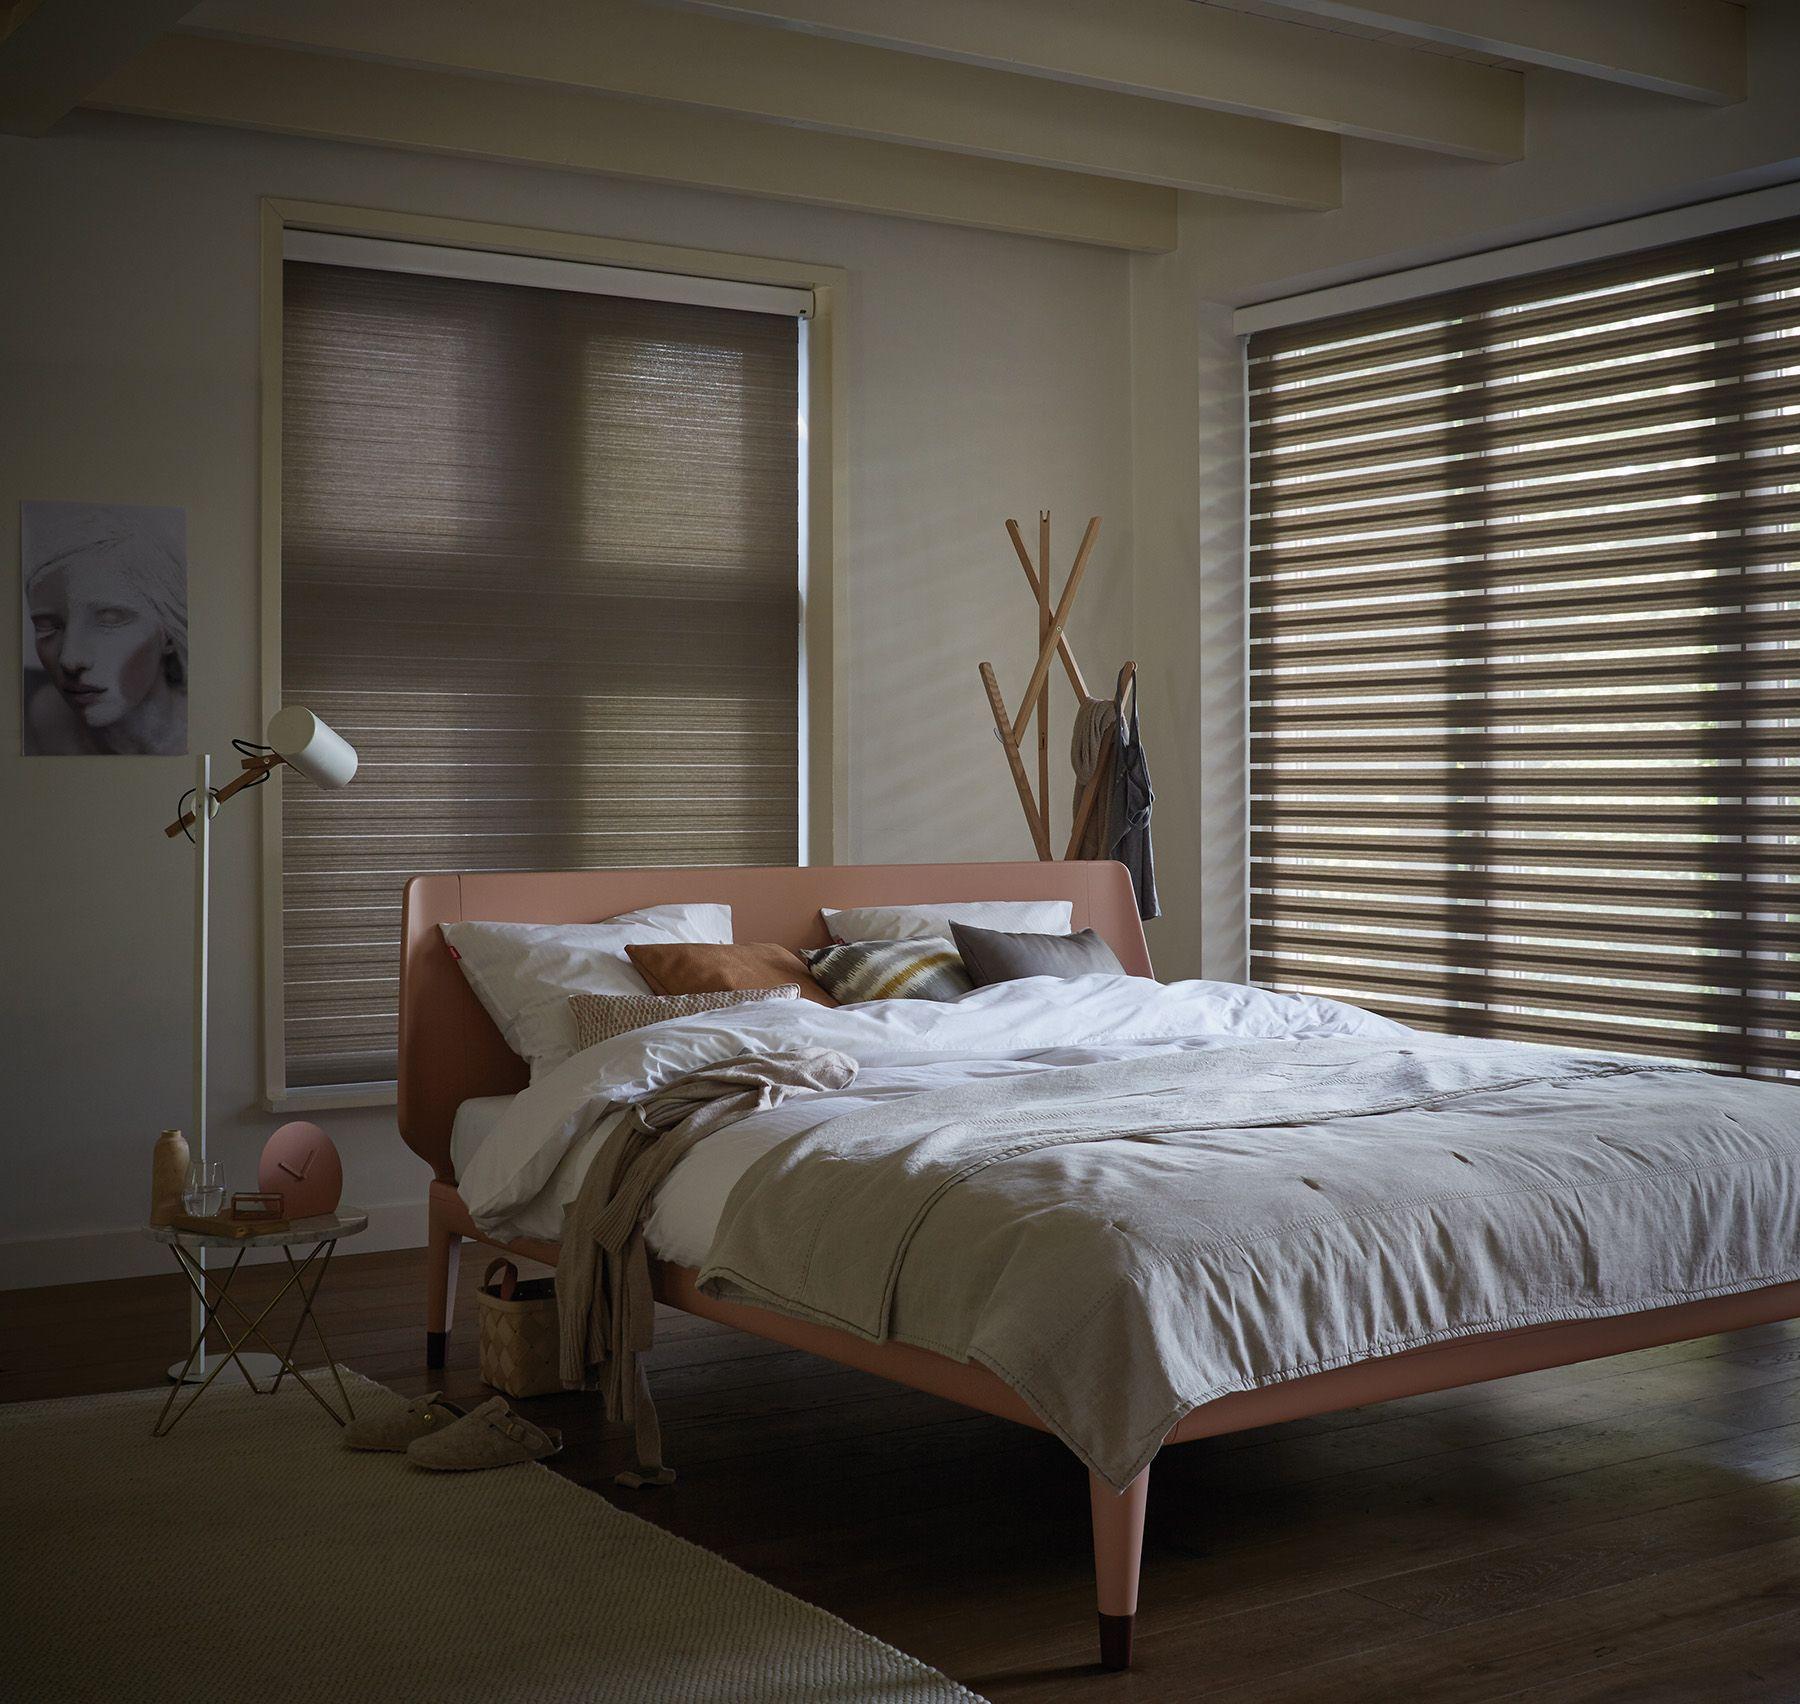 Goede Om je slaapkamer goed te verduisteren kan je kiezen voor houten LC-74